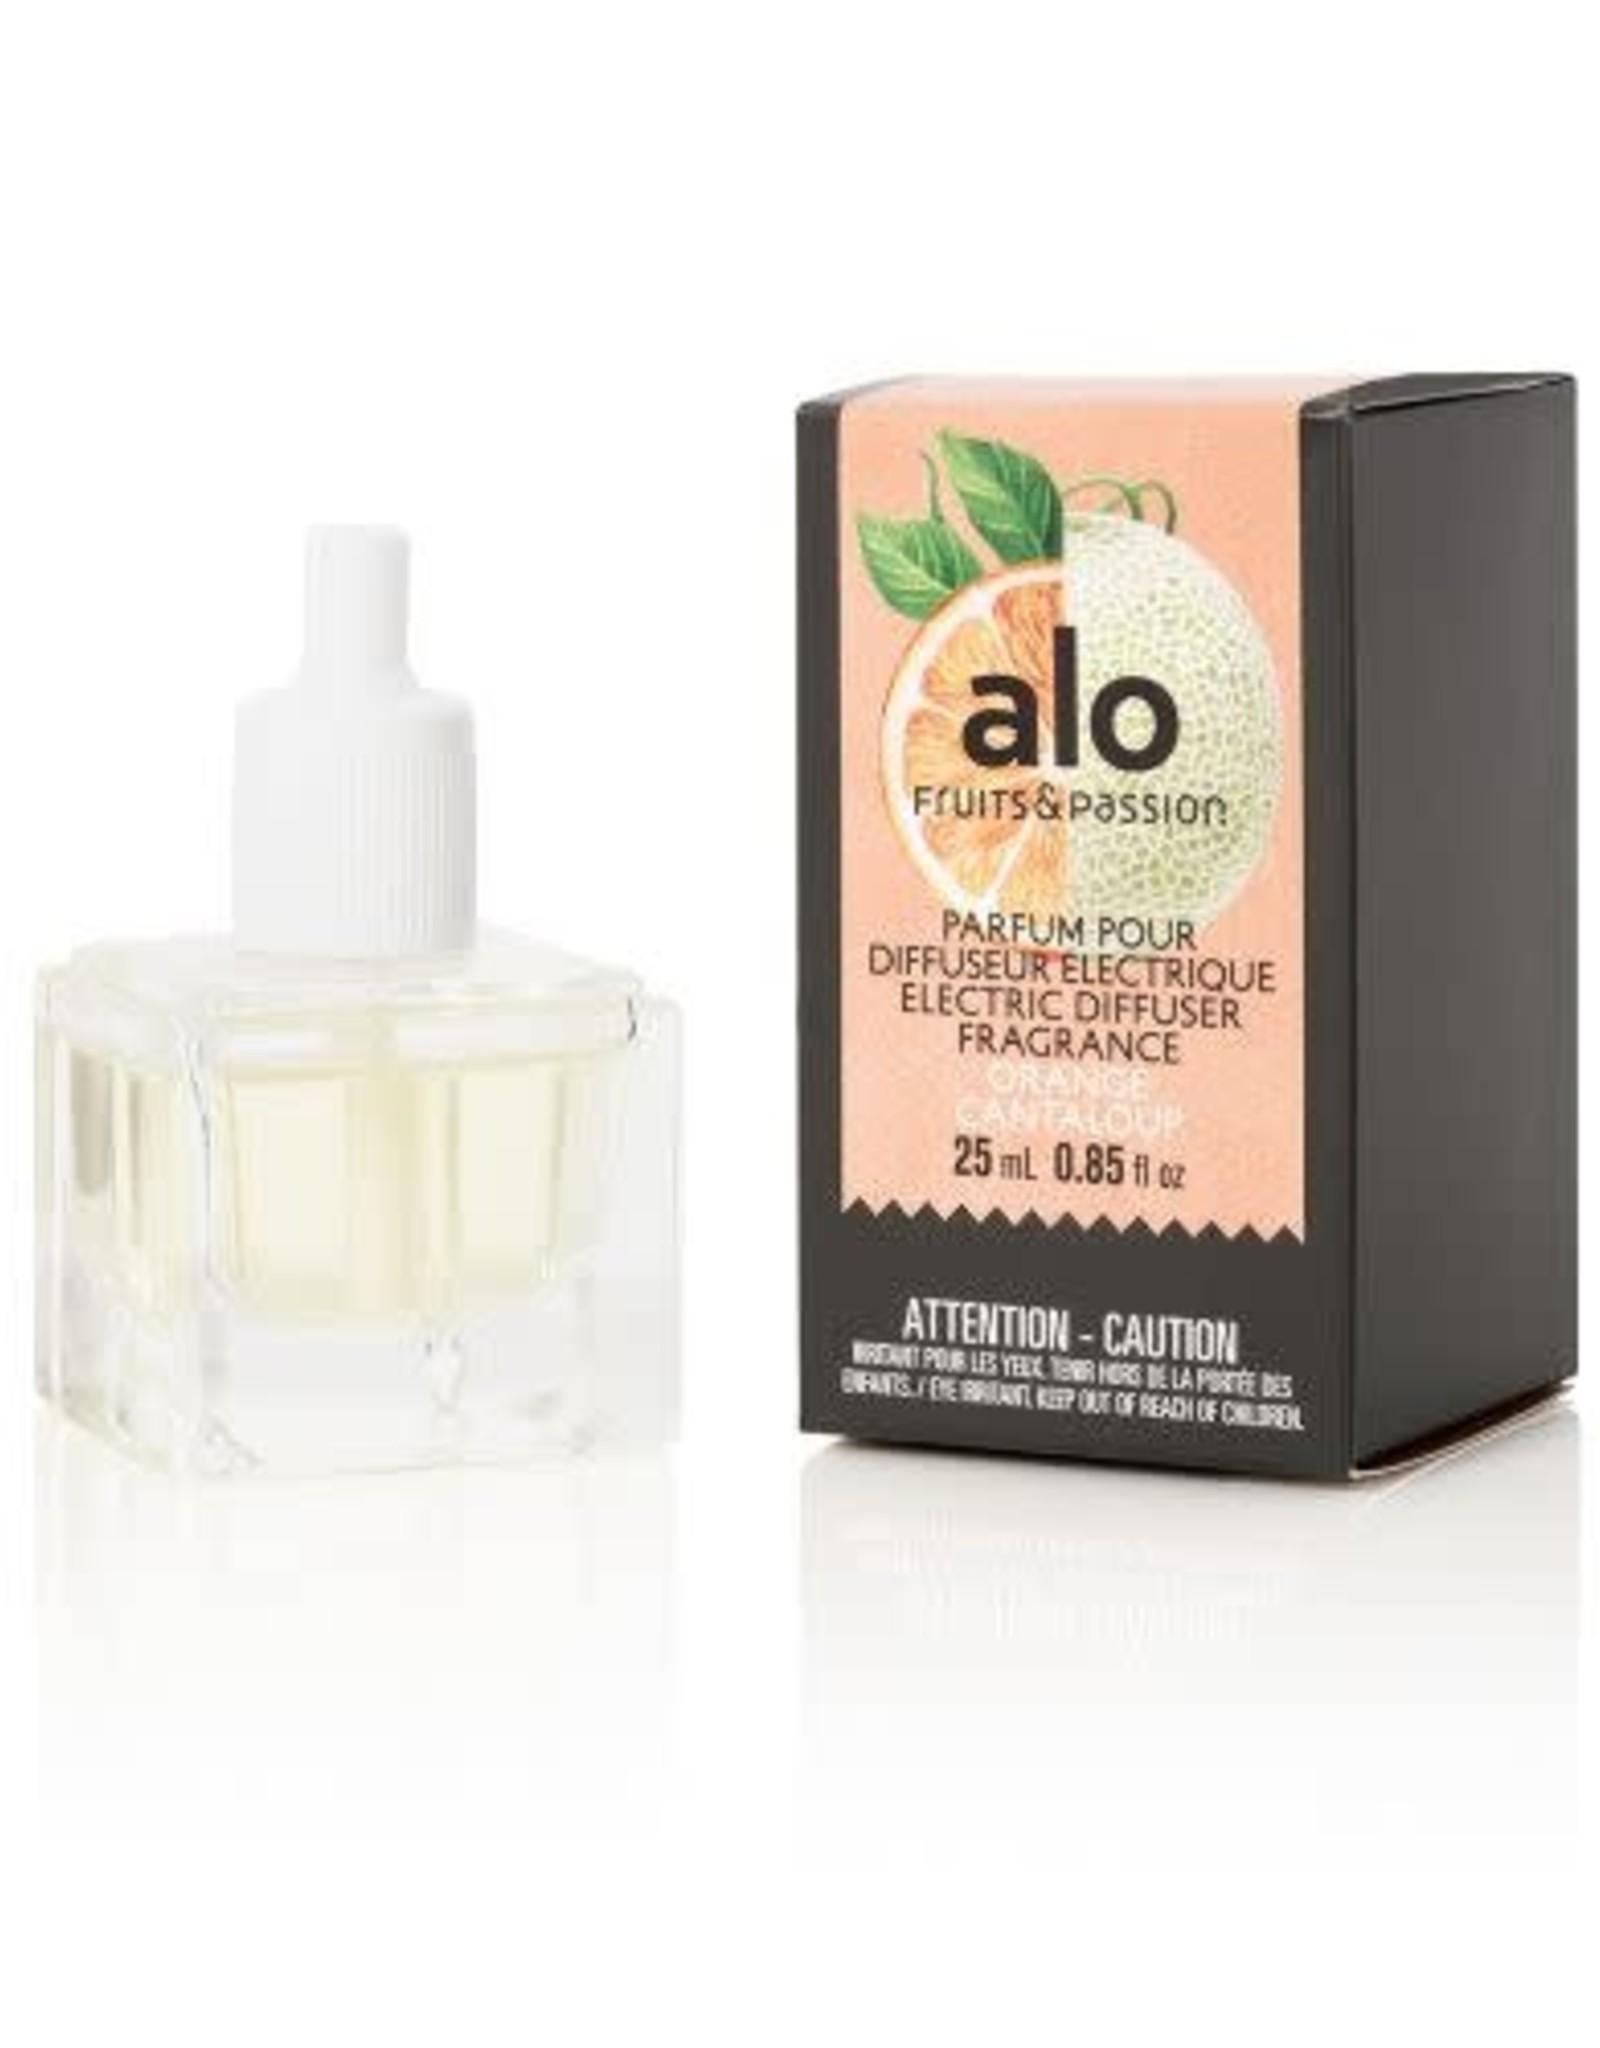 Fruits et Passion Parfum pour Diffuseur Électrique alo Orange Cantaloup 25ml